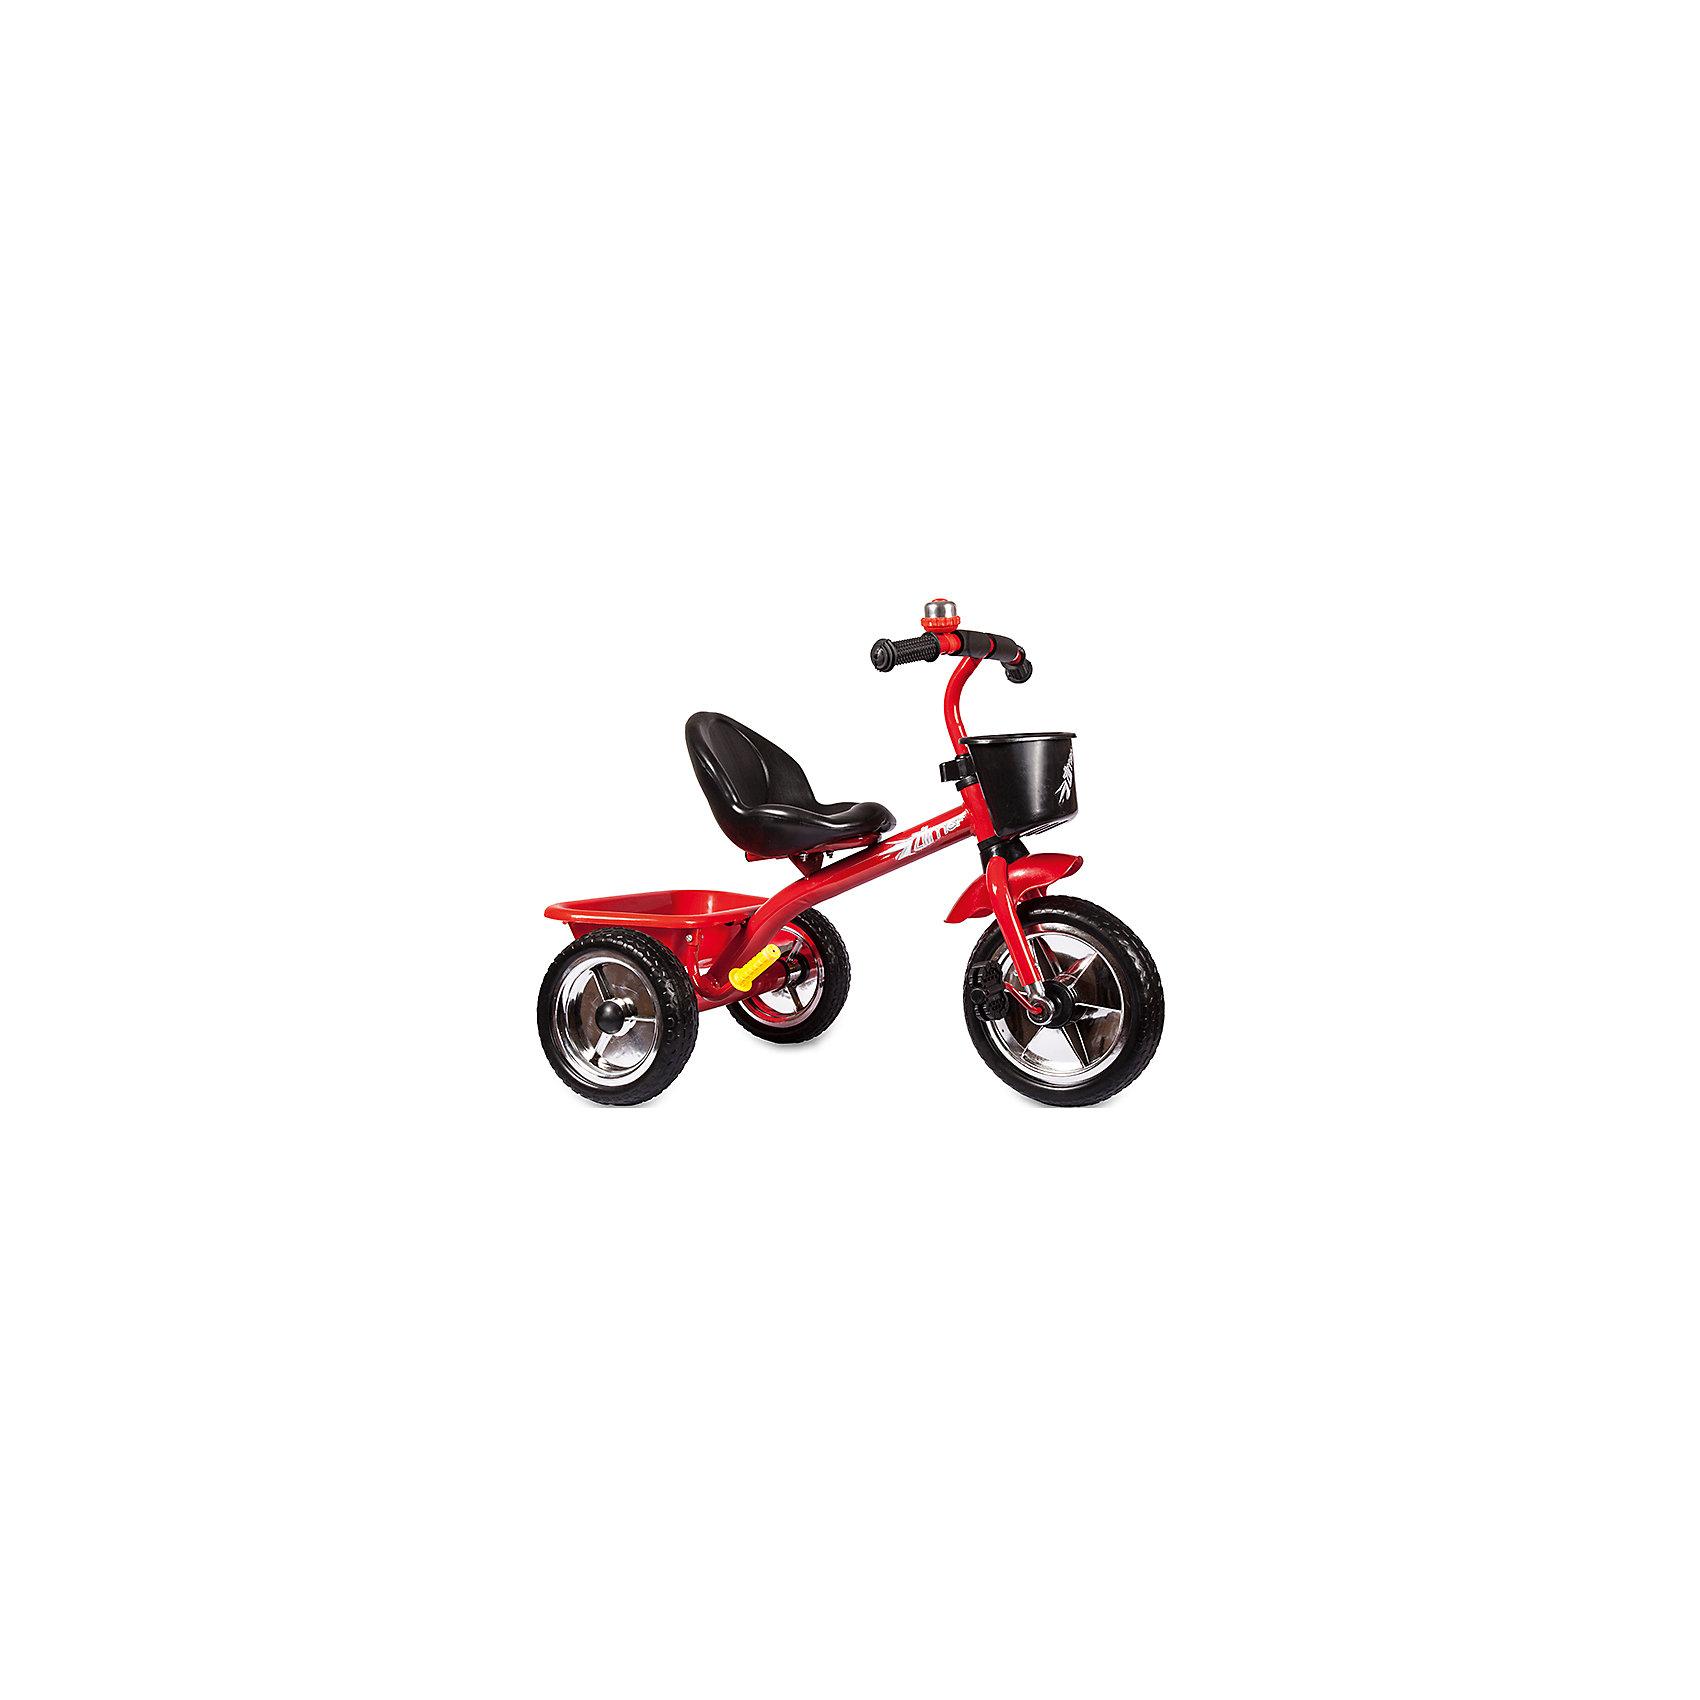 Трехколесный велосипед Голден Люкс, красный, ZilmerВелосипеды детские<br>Велосипед Zilmer Голден Люкс (3 колеса EVA 10/8, сталь, спинка, 2 корзины, гудок, красн.)        Трёхколёсный велосипед Zilmer!<br>Основные особенности данной модели: колёса EVA, удобное сиденье, две вместительные корзинки. Руль оснащён мягкой накладкой.<br>В корзинку можно сложить необходимые для прогулки вещи. Велосипед сделан из надёжных и безопасных материалов. Яркий цвет  и привлекательный внешний вид обращают на себя внимание.<br>Преимущества:<br>Удобный руль с мягкой накладкой<br>Две корзинки<br>Яркий цвет<br>Вес 1 шт.: 3 кг<br><br>Ширина мм: 300<br>Глубина мм: 225<br>Высота мм: 200<br>Вес г: 4250<br>Возраст от месяцев: 12<br>Возраст до месяцев: 36<br>Пол: Унисекс<br>Возраст: Детский<br>SKU: 4642329